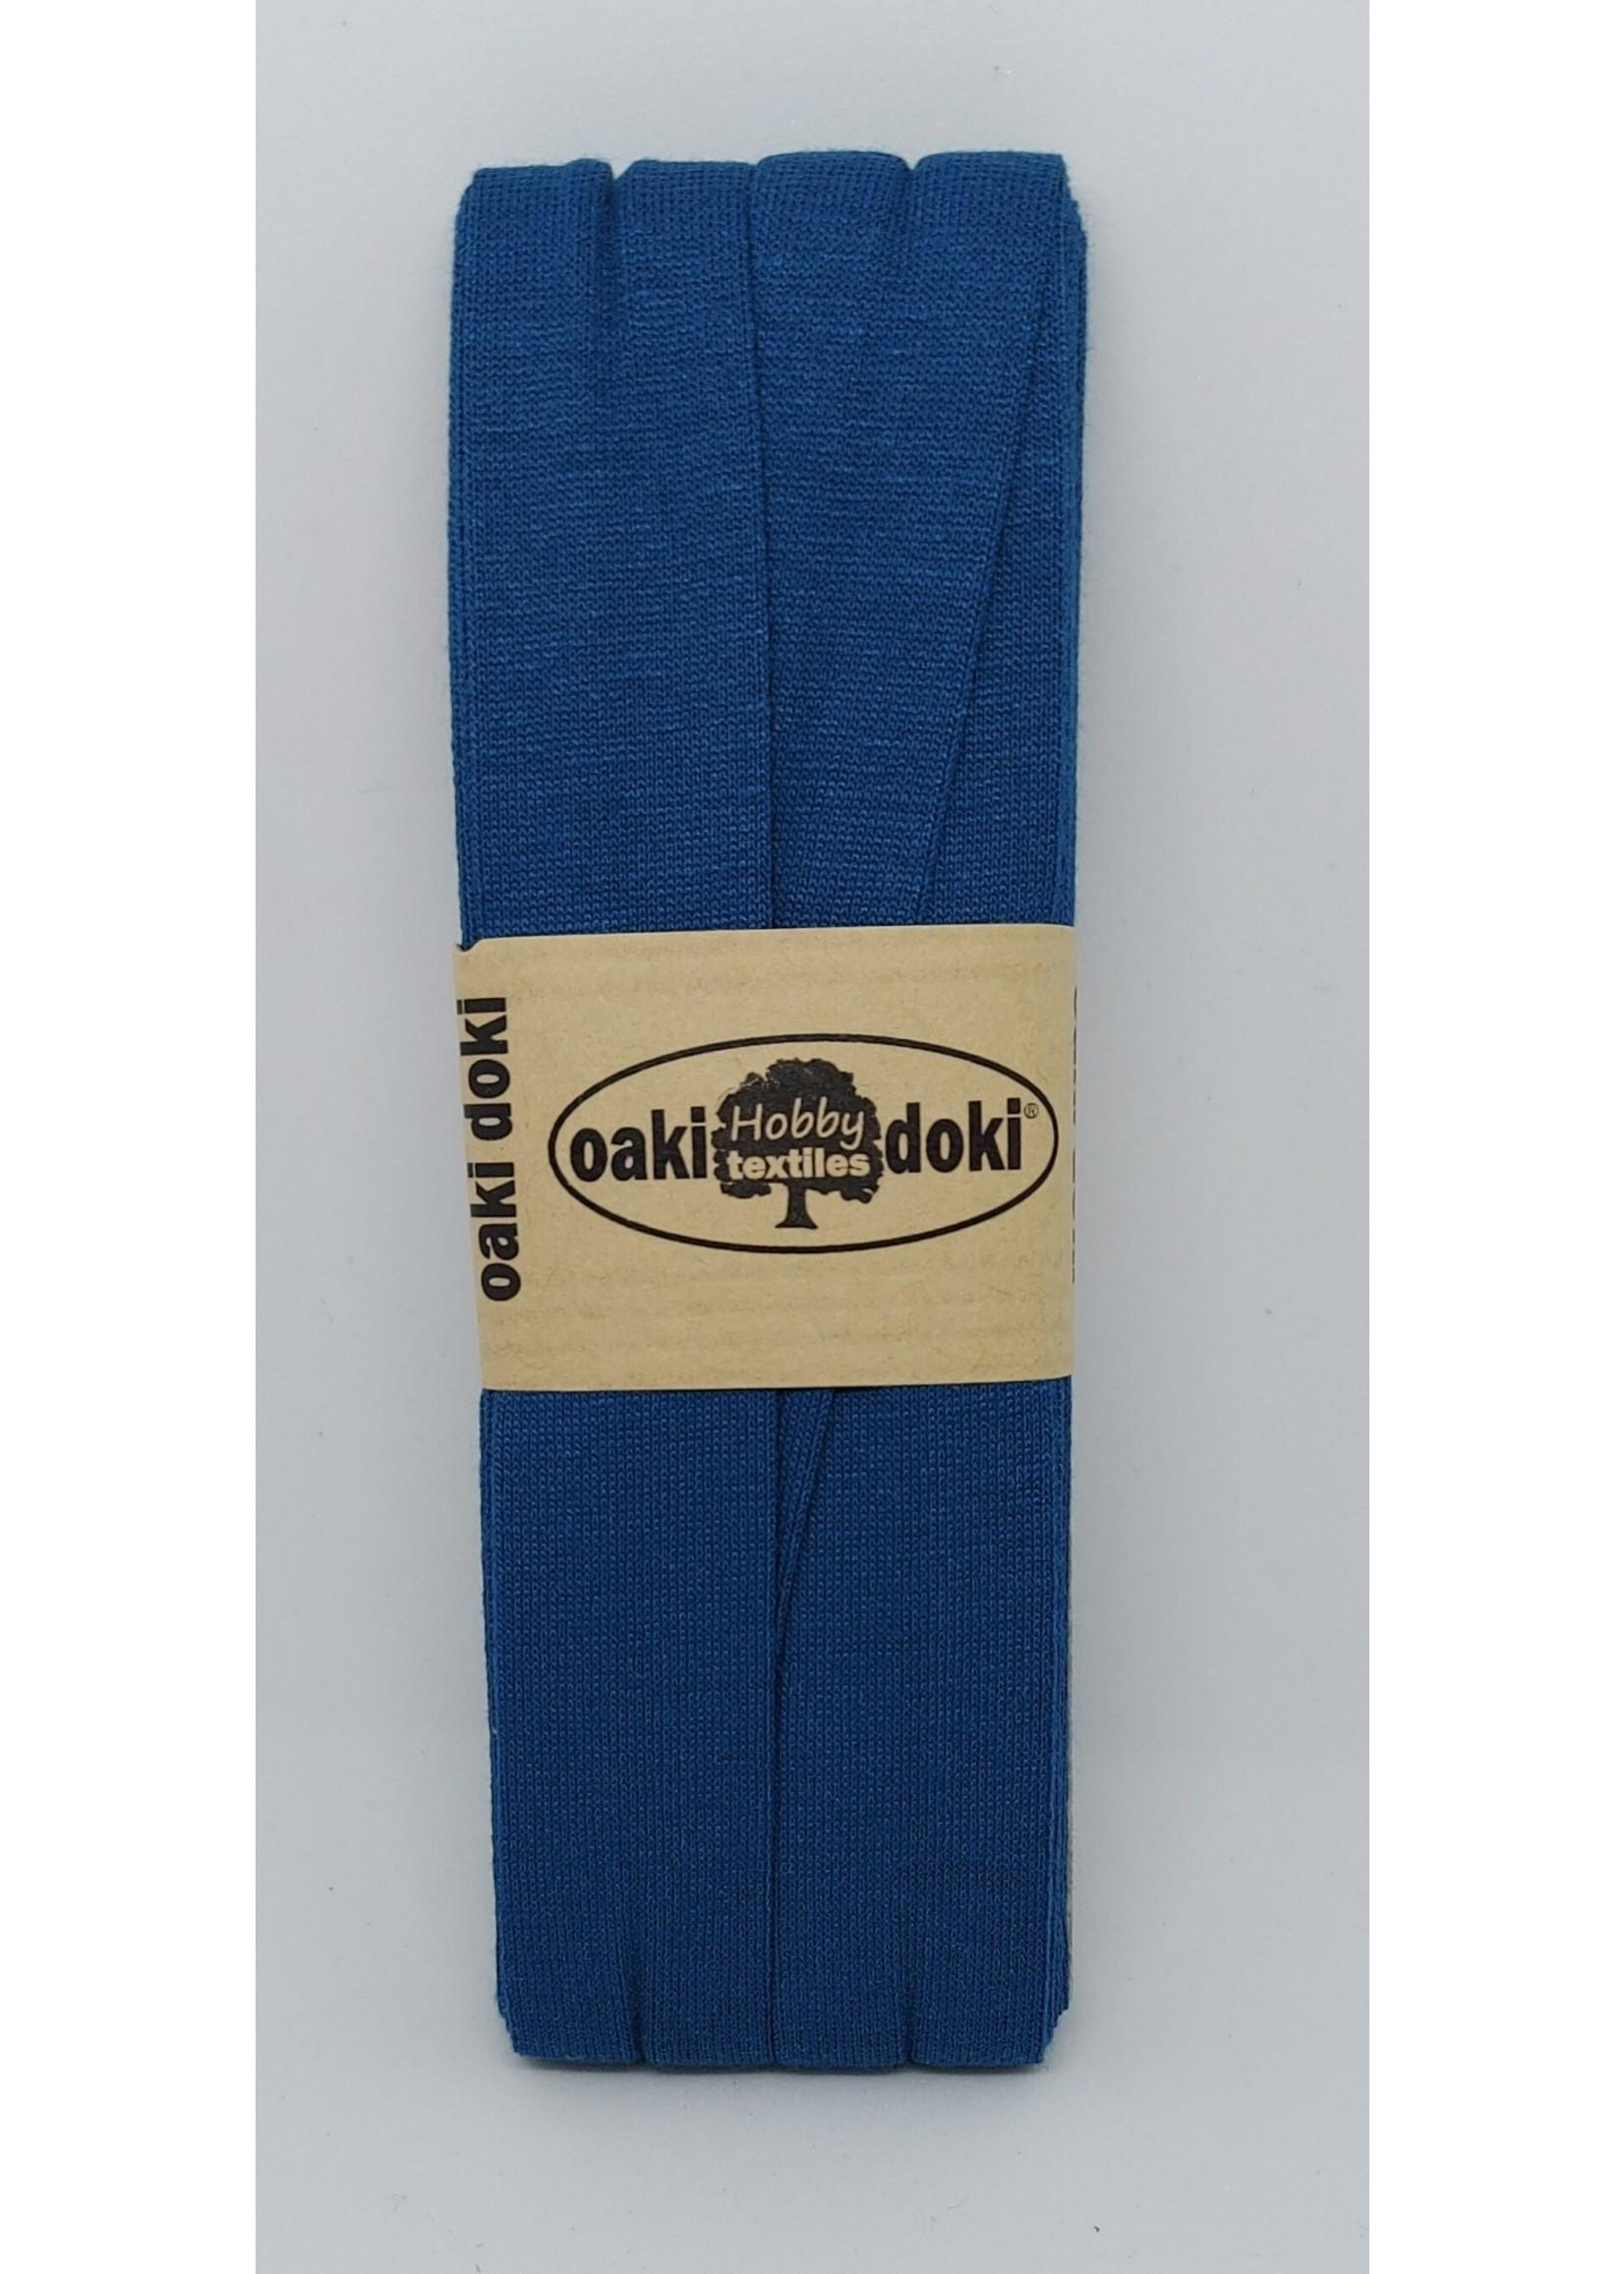 Oaki Doki Tricot de luxe 211